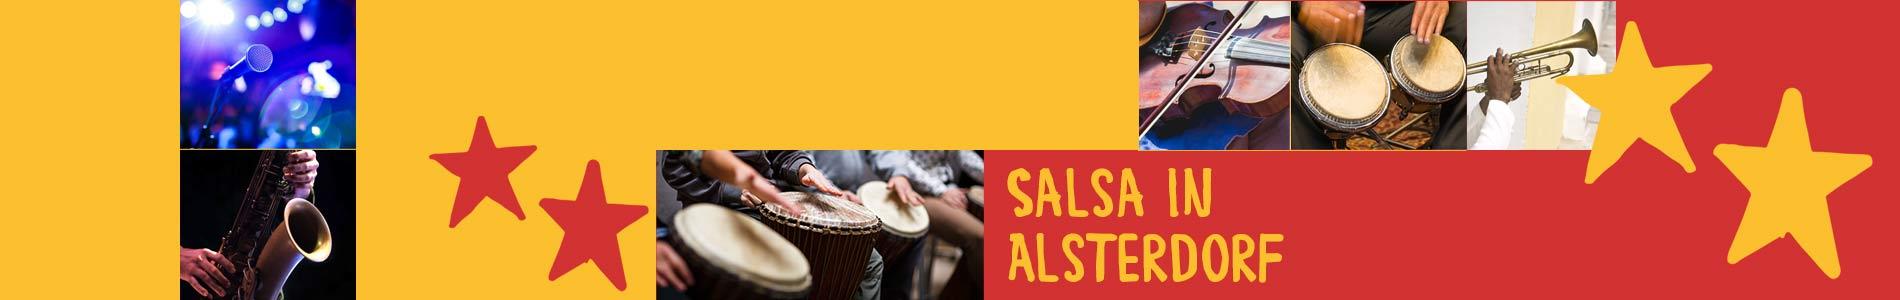 Salsa in Alsterdorf – Salsa lernen und tanzen, Tanzkurse, Partys, Veranstaltungen